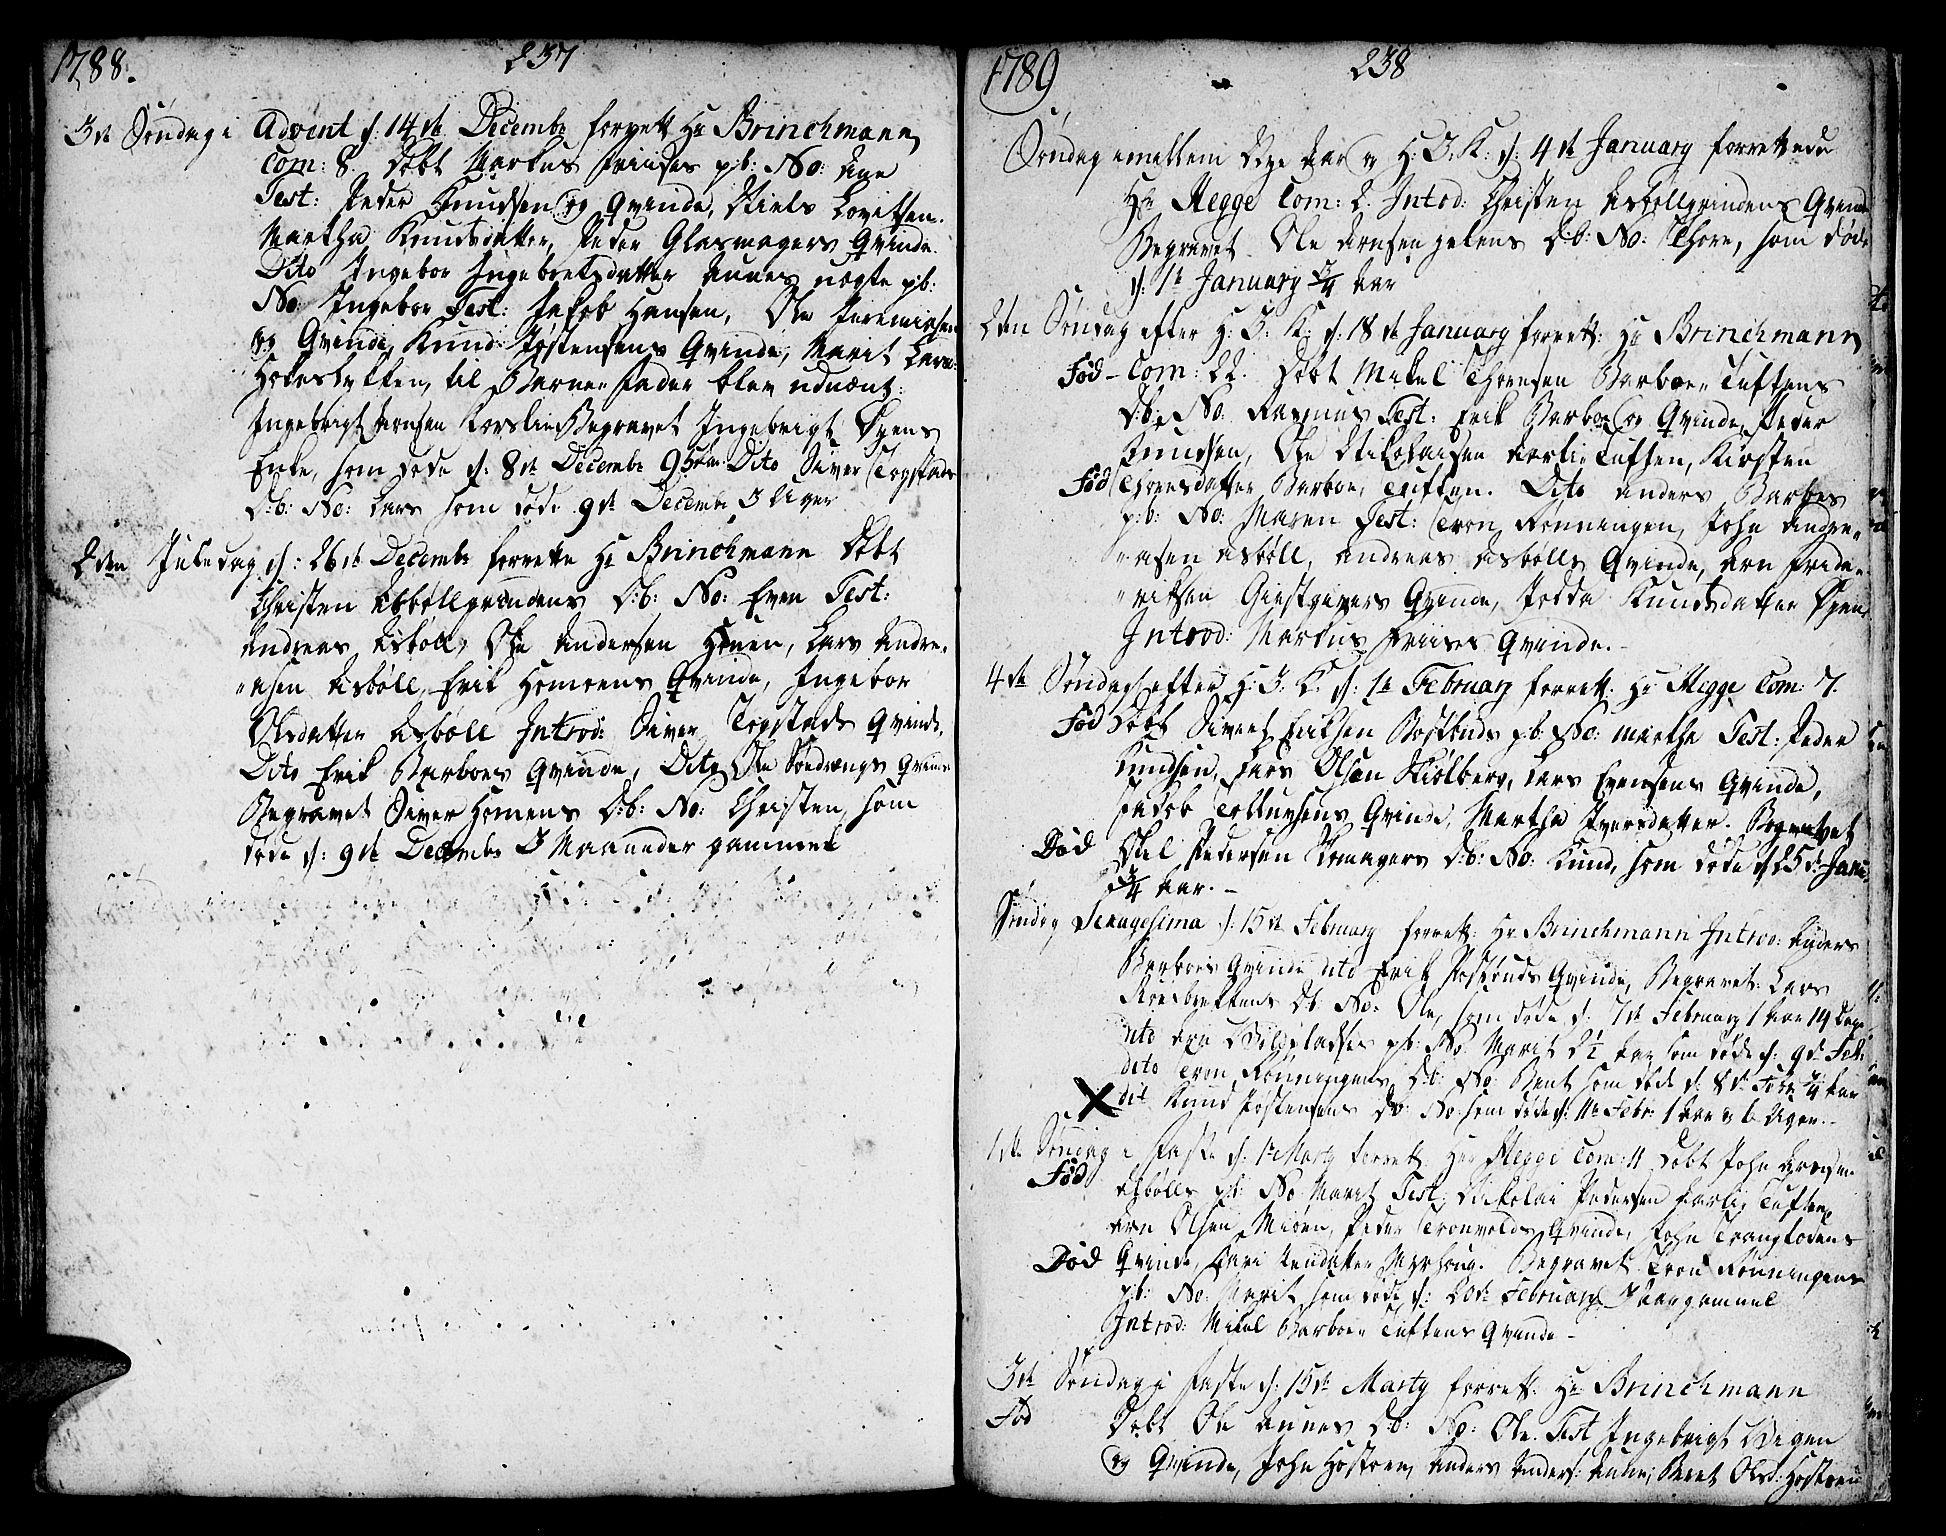 SAT, Ministerialprotokoller, klokkerbøker og fødselsregistre - Sør-Trøndelag, 671/L0840: Ministerialbok nr. 671A02, 1756-1794, s. 337-338